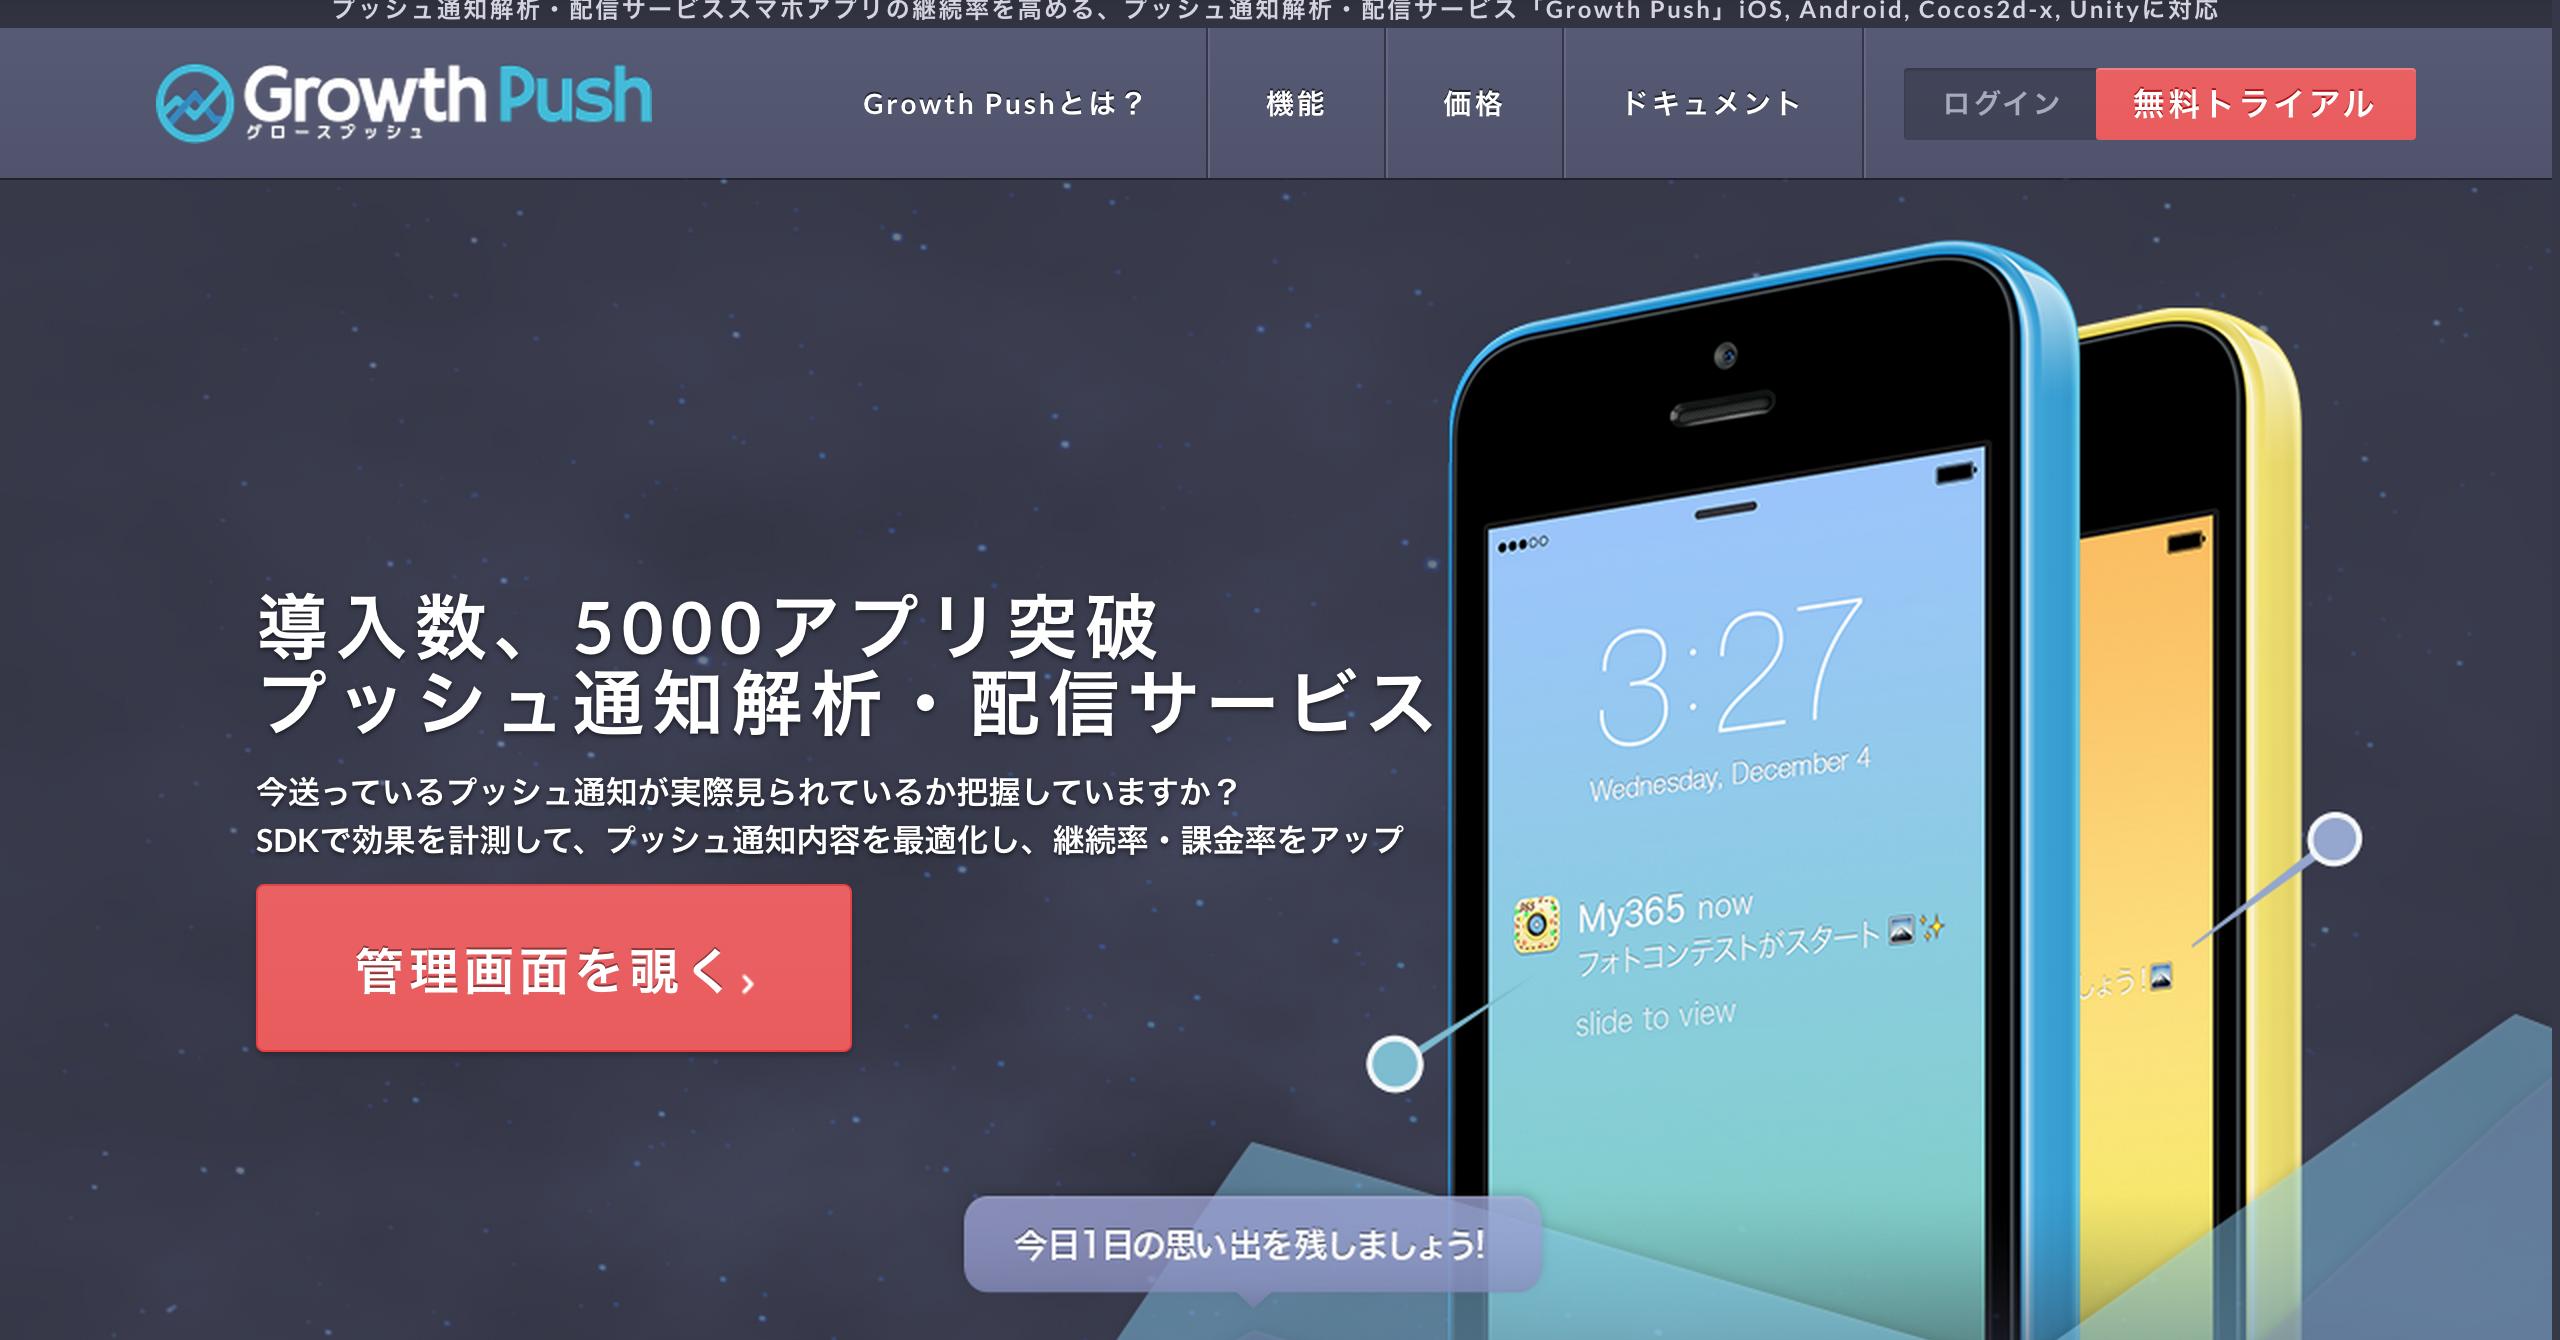 スクリーンショット 2015-04-20 0.27.43